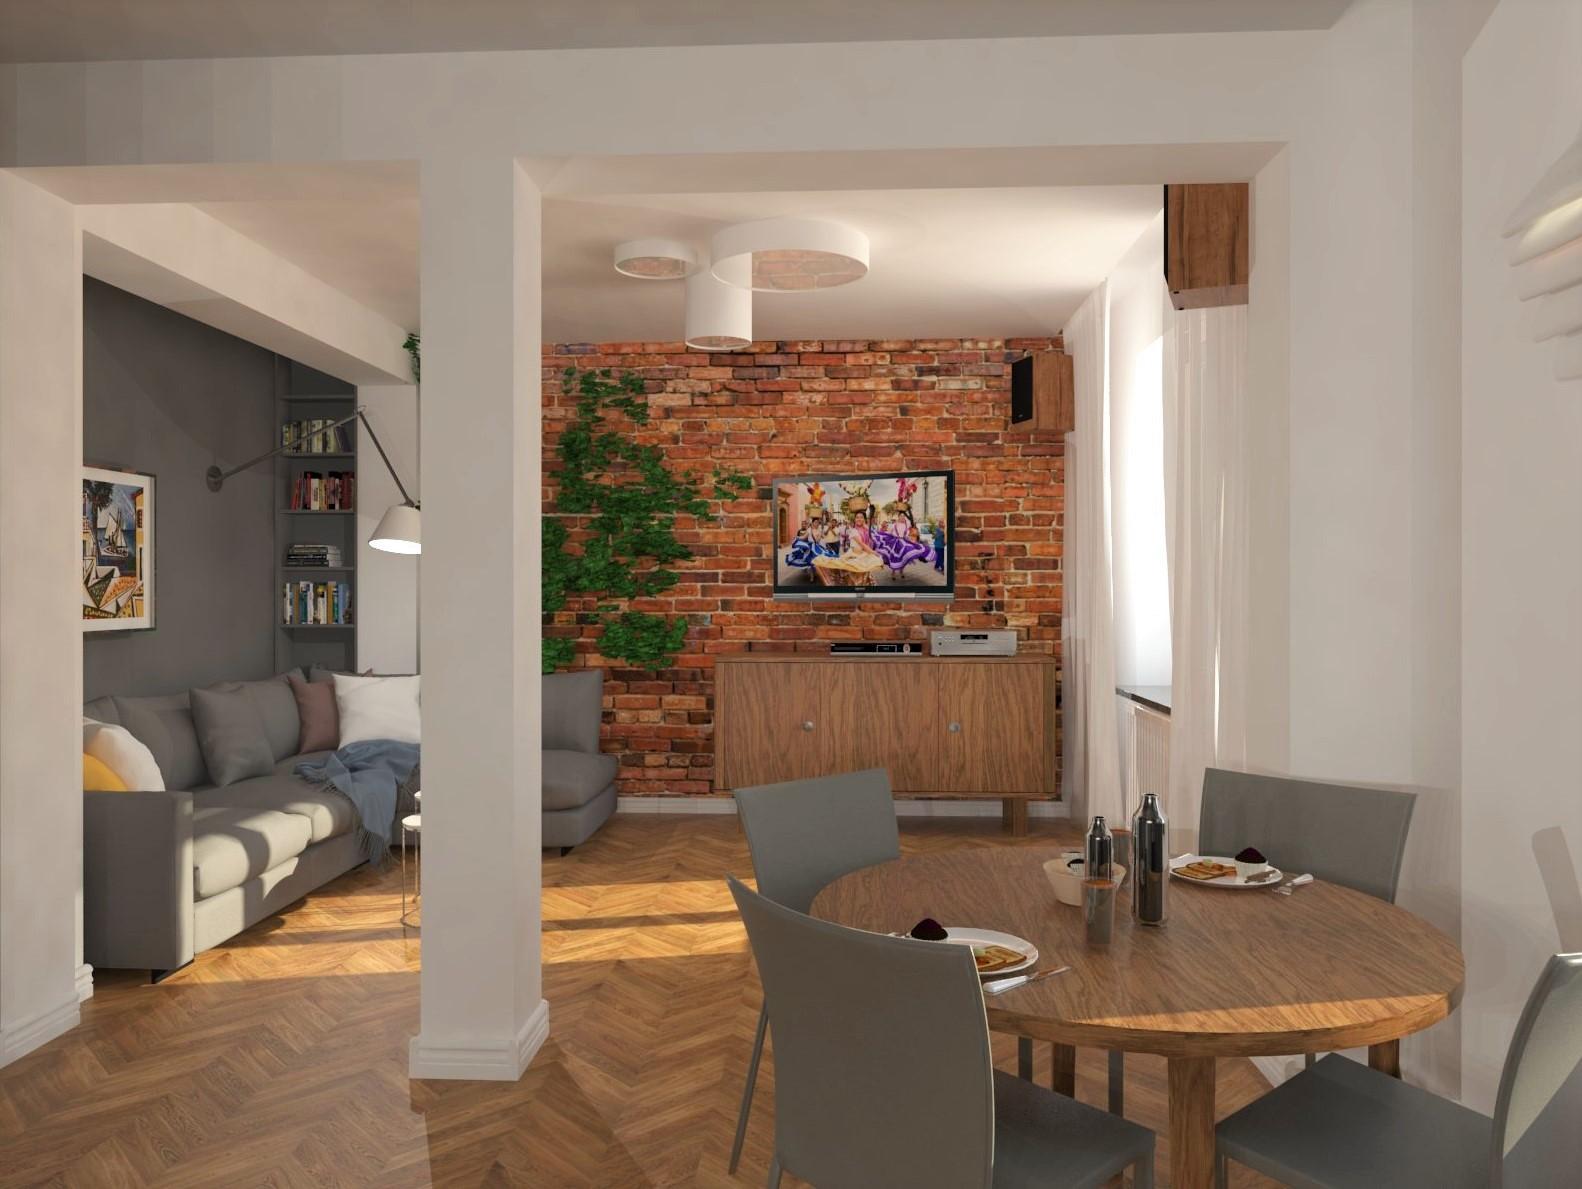 projekt kuchni Tychy, projektowanie wnętrz Tychy, architekt wnętrz Tychy